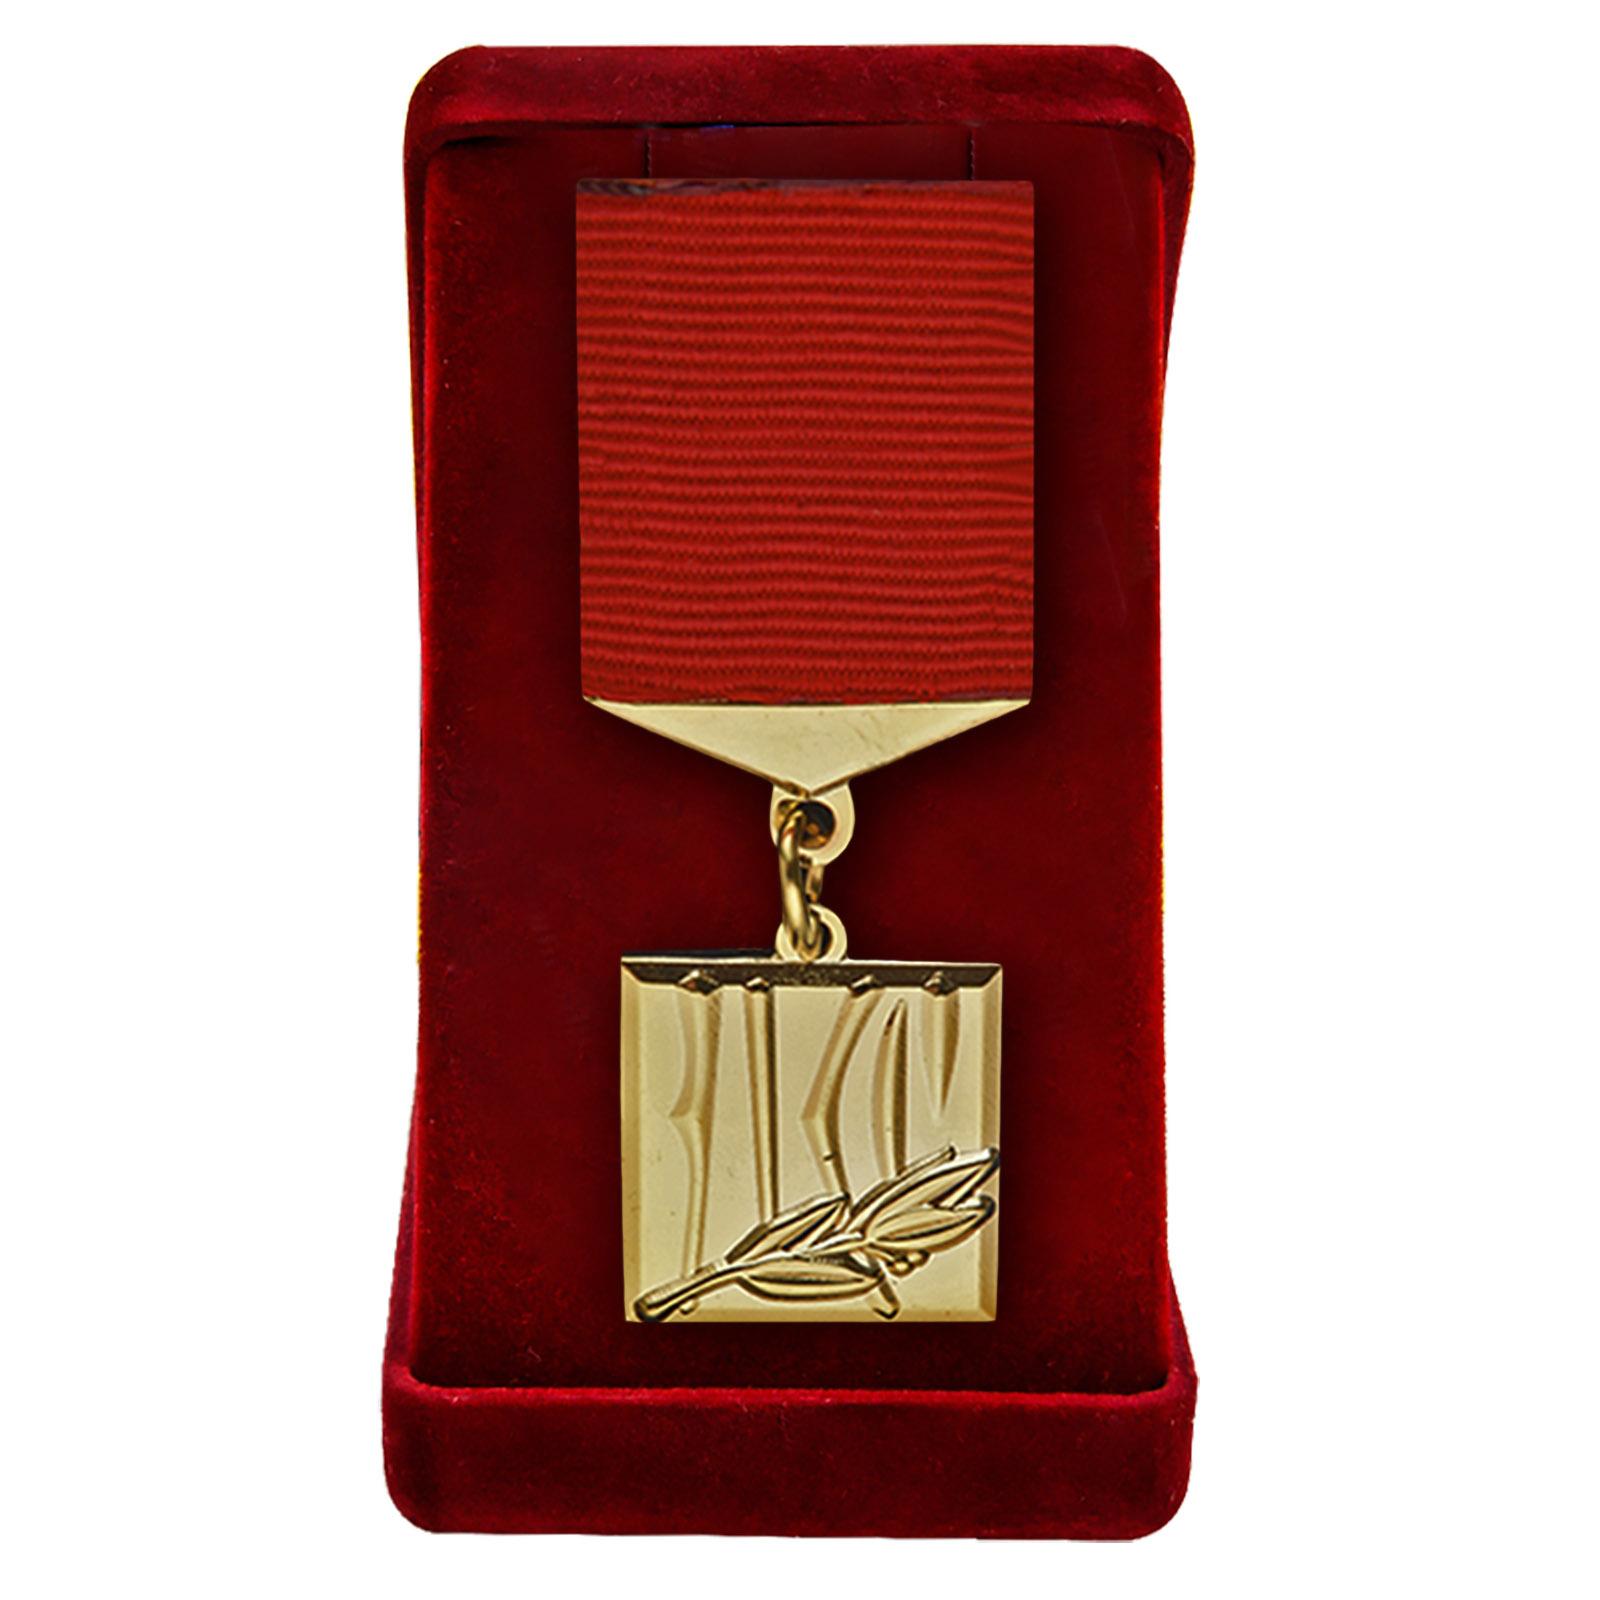 Знак Лауреата премии Ленинского Комсомолав футляре